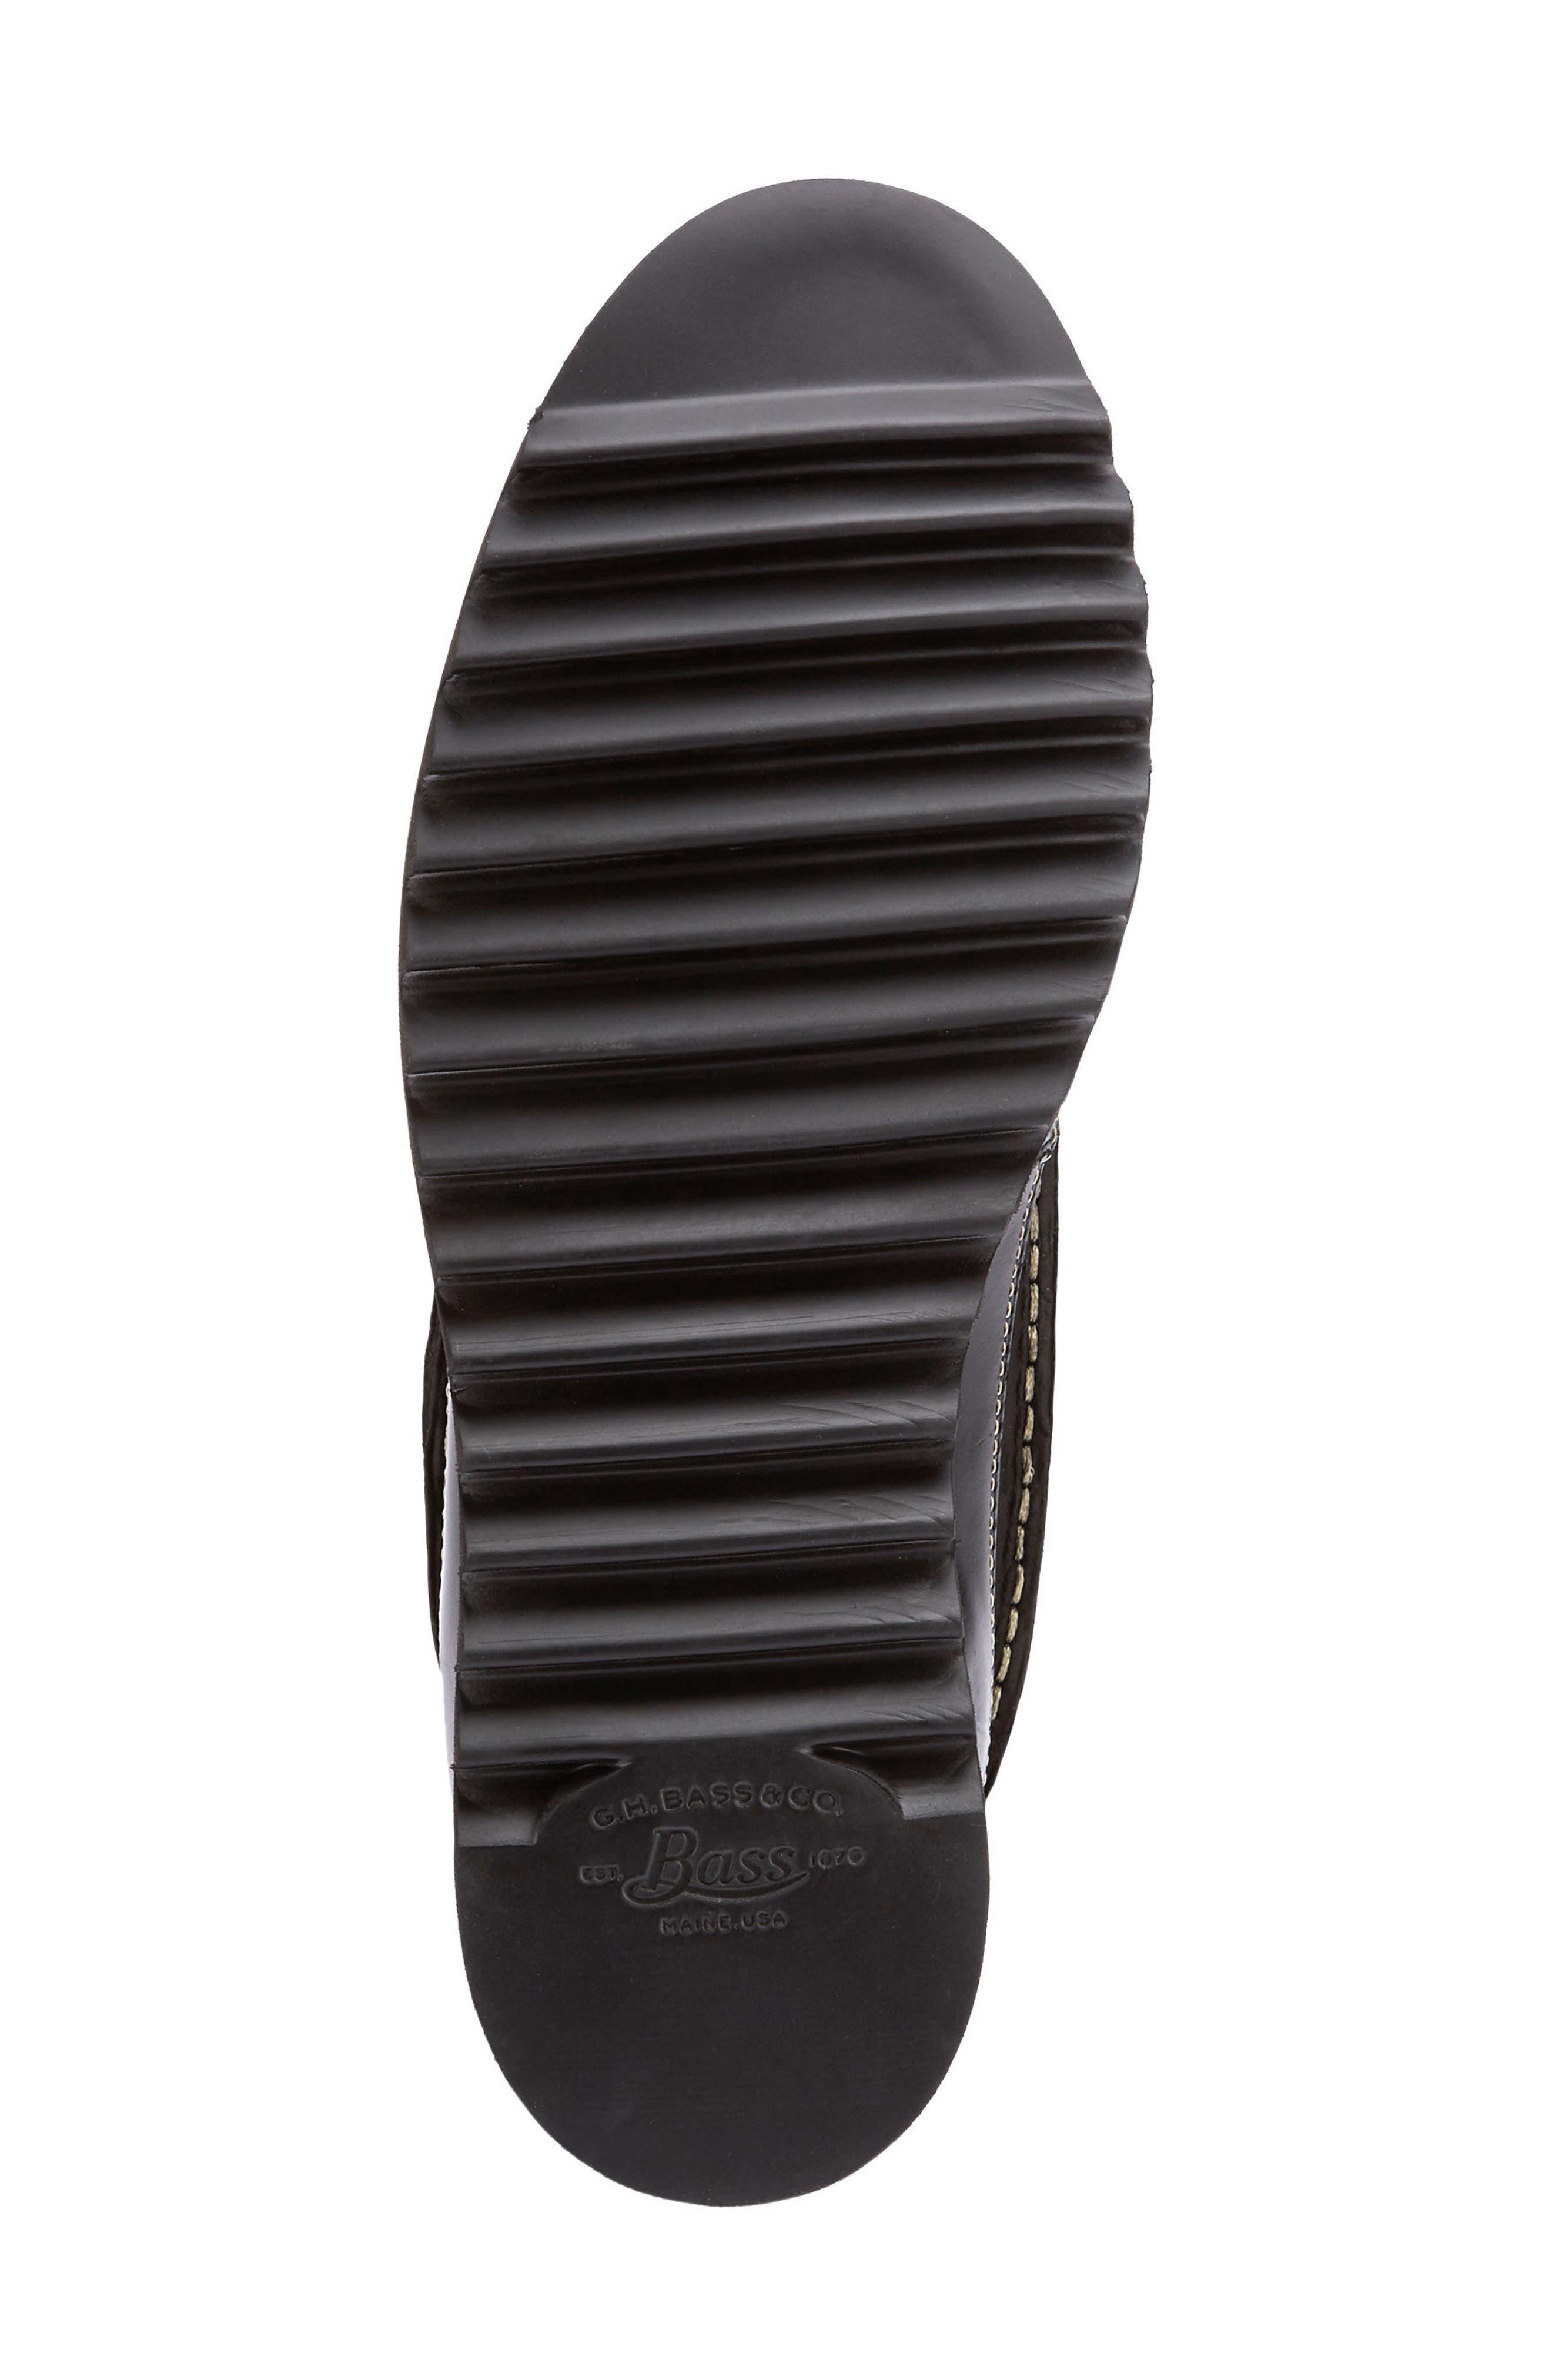 Nickson Razor Moc Toe Boot,                             Alternate thumbnail 6, color,                             Black